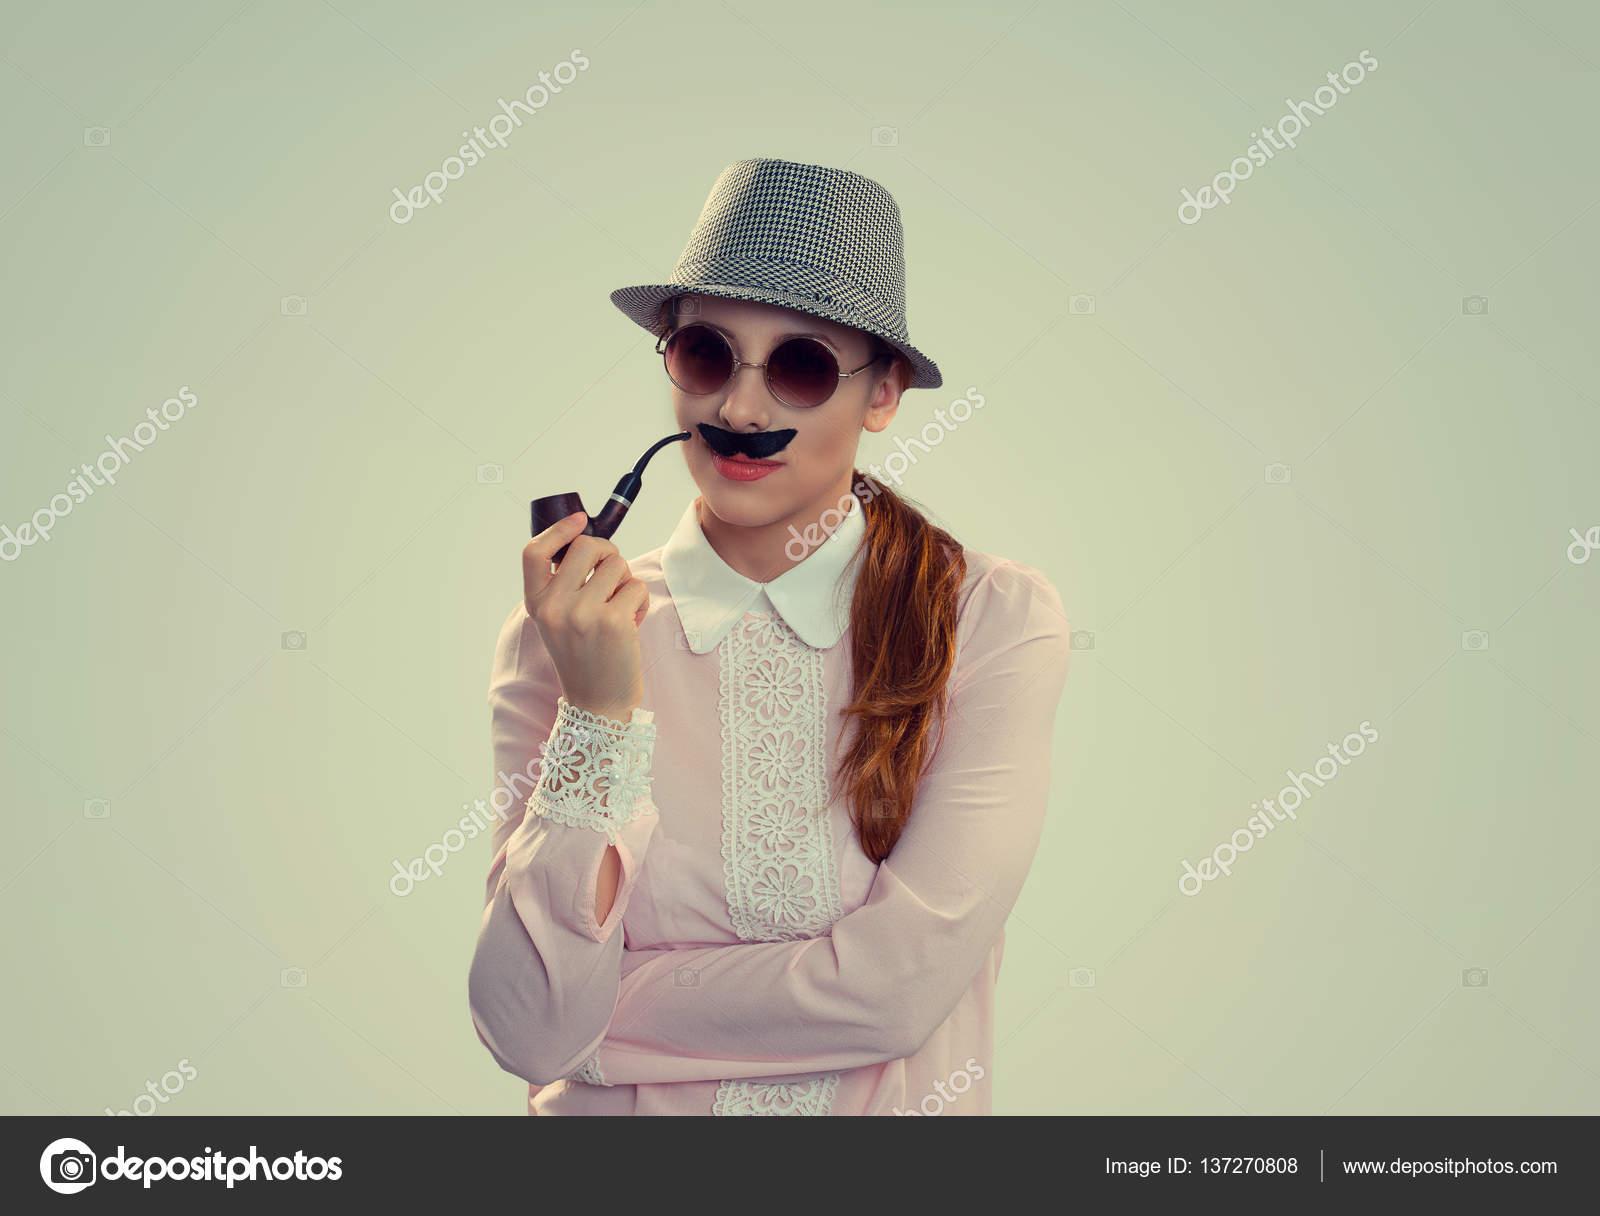 Femme aux lunettes rondes fausse moustache, pipe et chapeau imitant  l homme– images de stock libres de droits 938024a6a12e